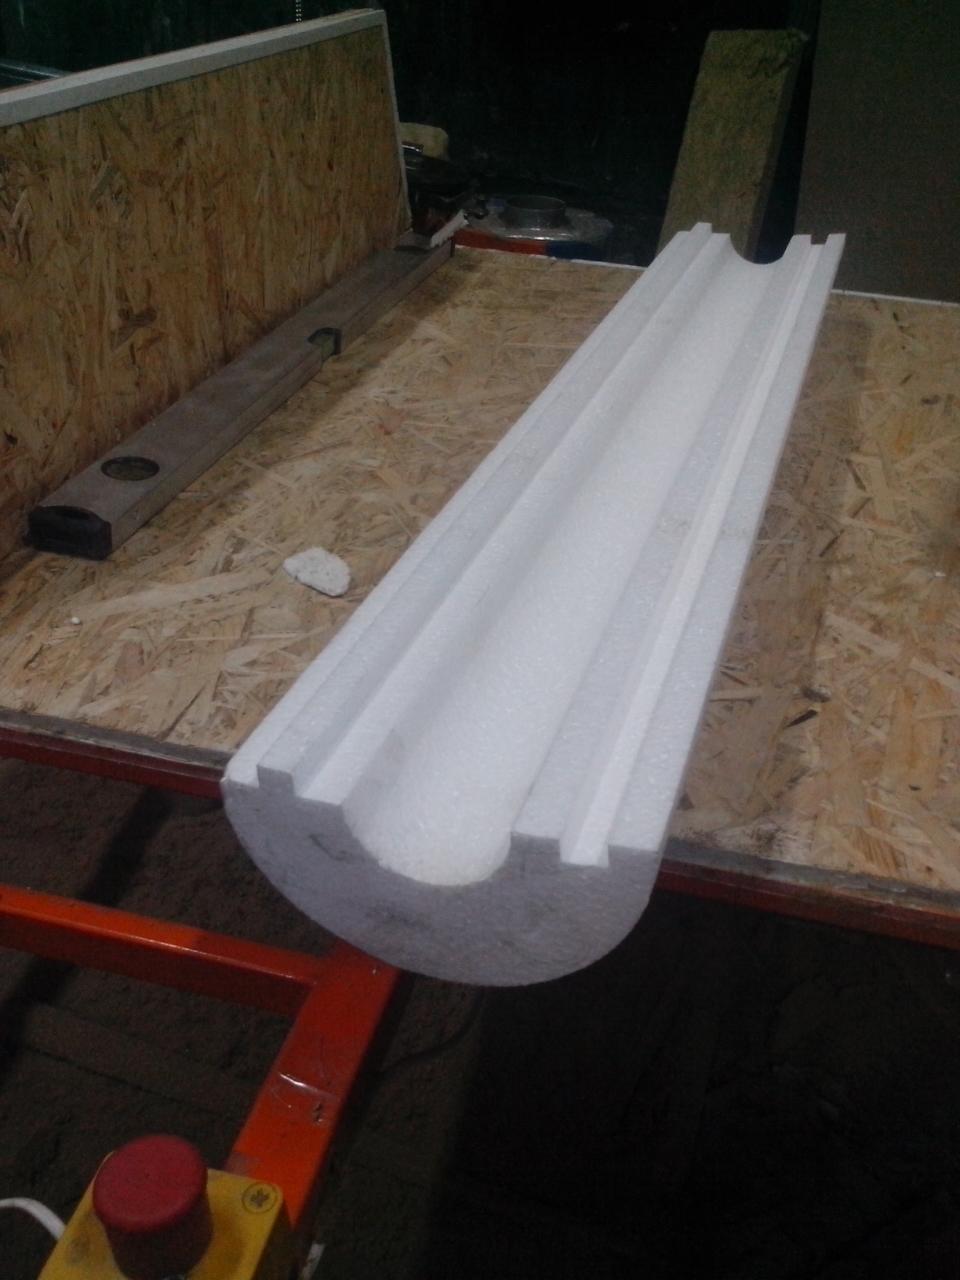 Утеплитель из пенопласта (пенополистирола) для труб Ø 146 мм толщиной 80 мм